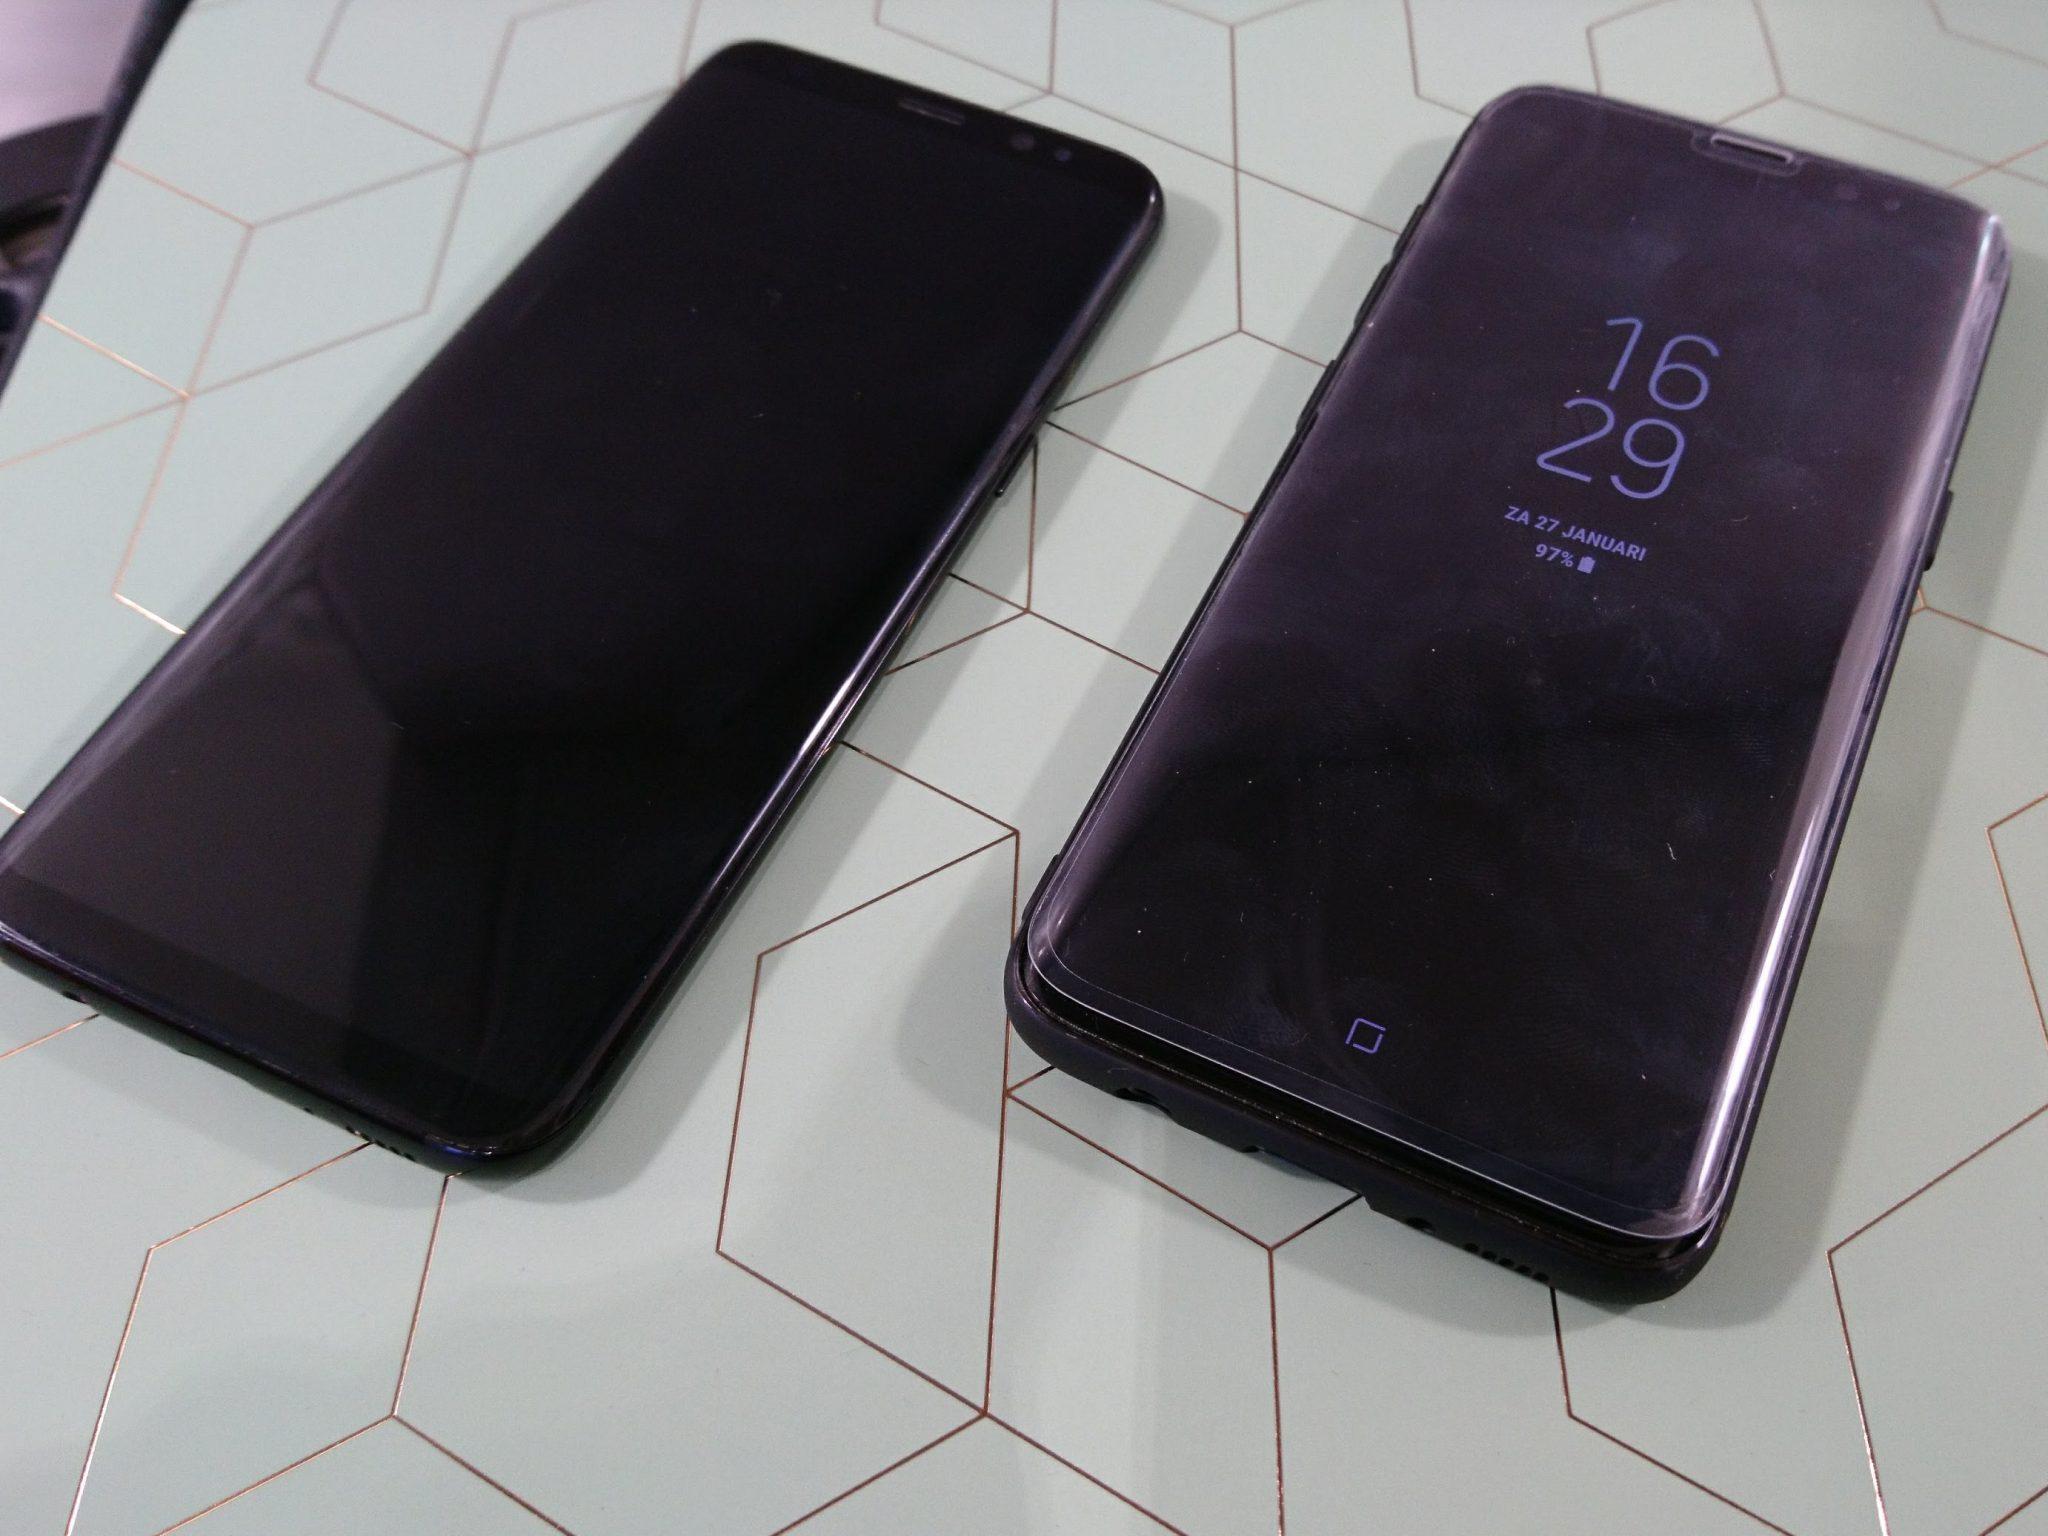 De voorkant van de S8. Links zonder hoes en screenprotector.